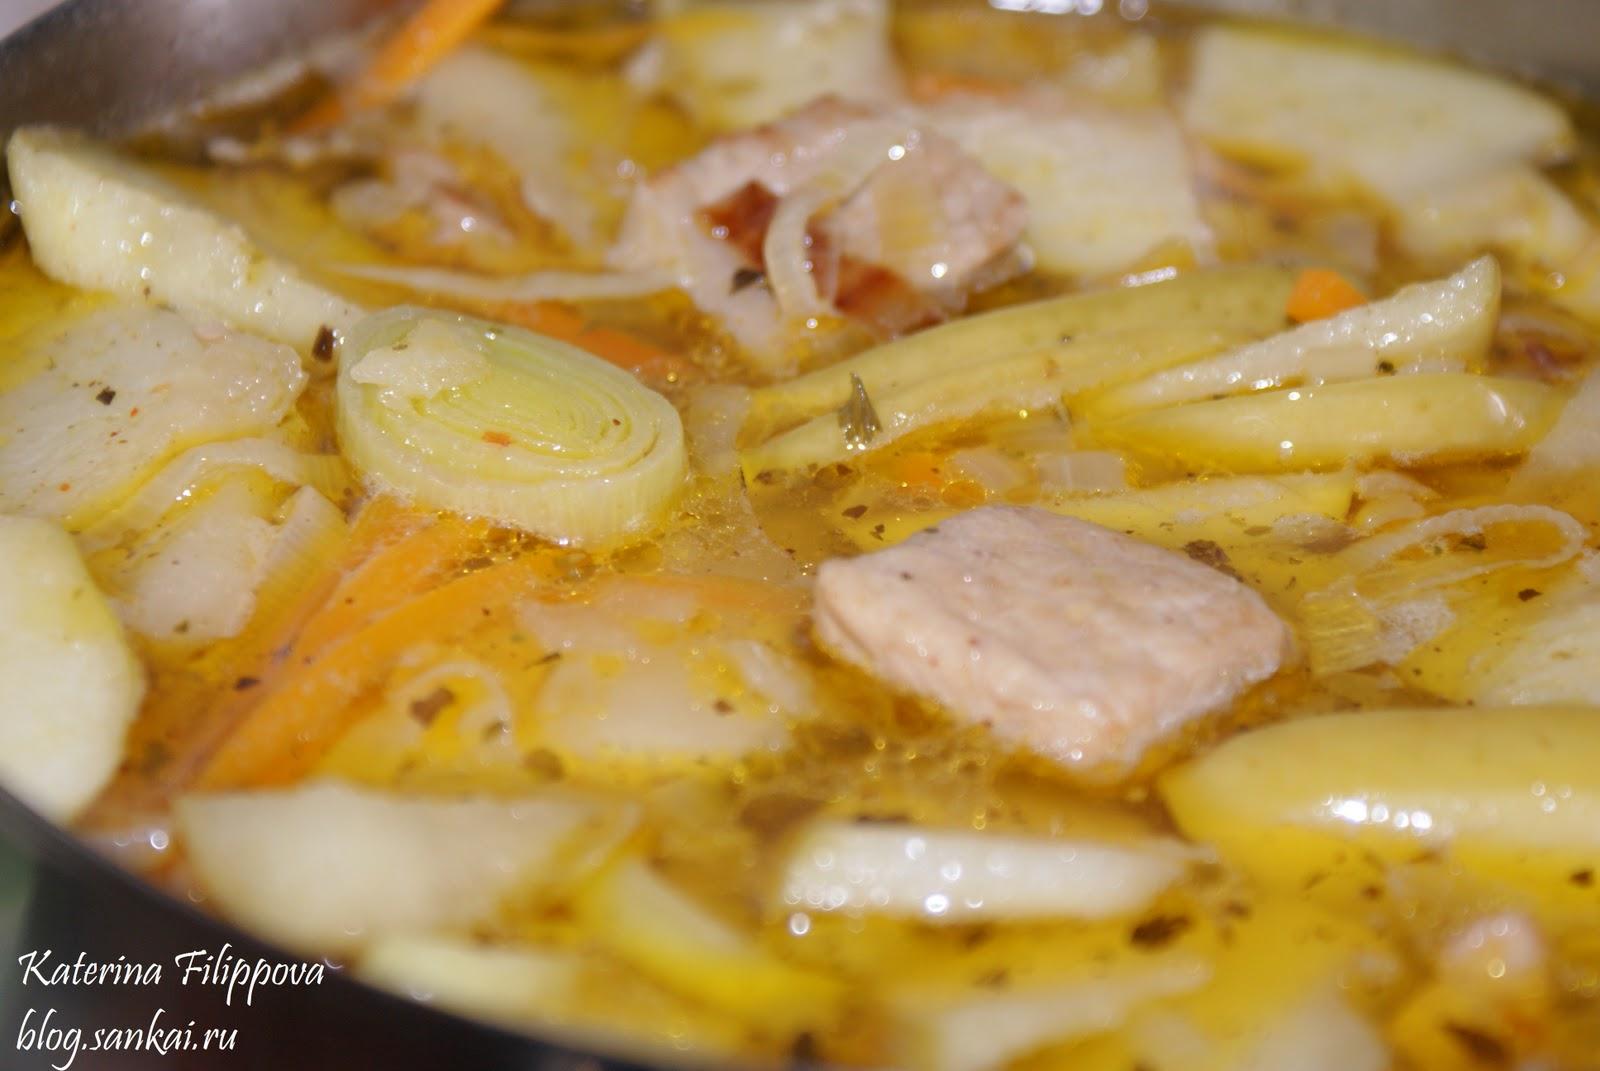 Супы из свинины рецепт с фото в домашних условиях 634